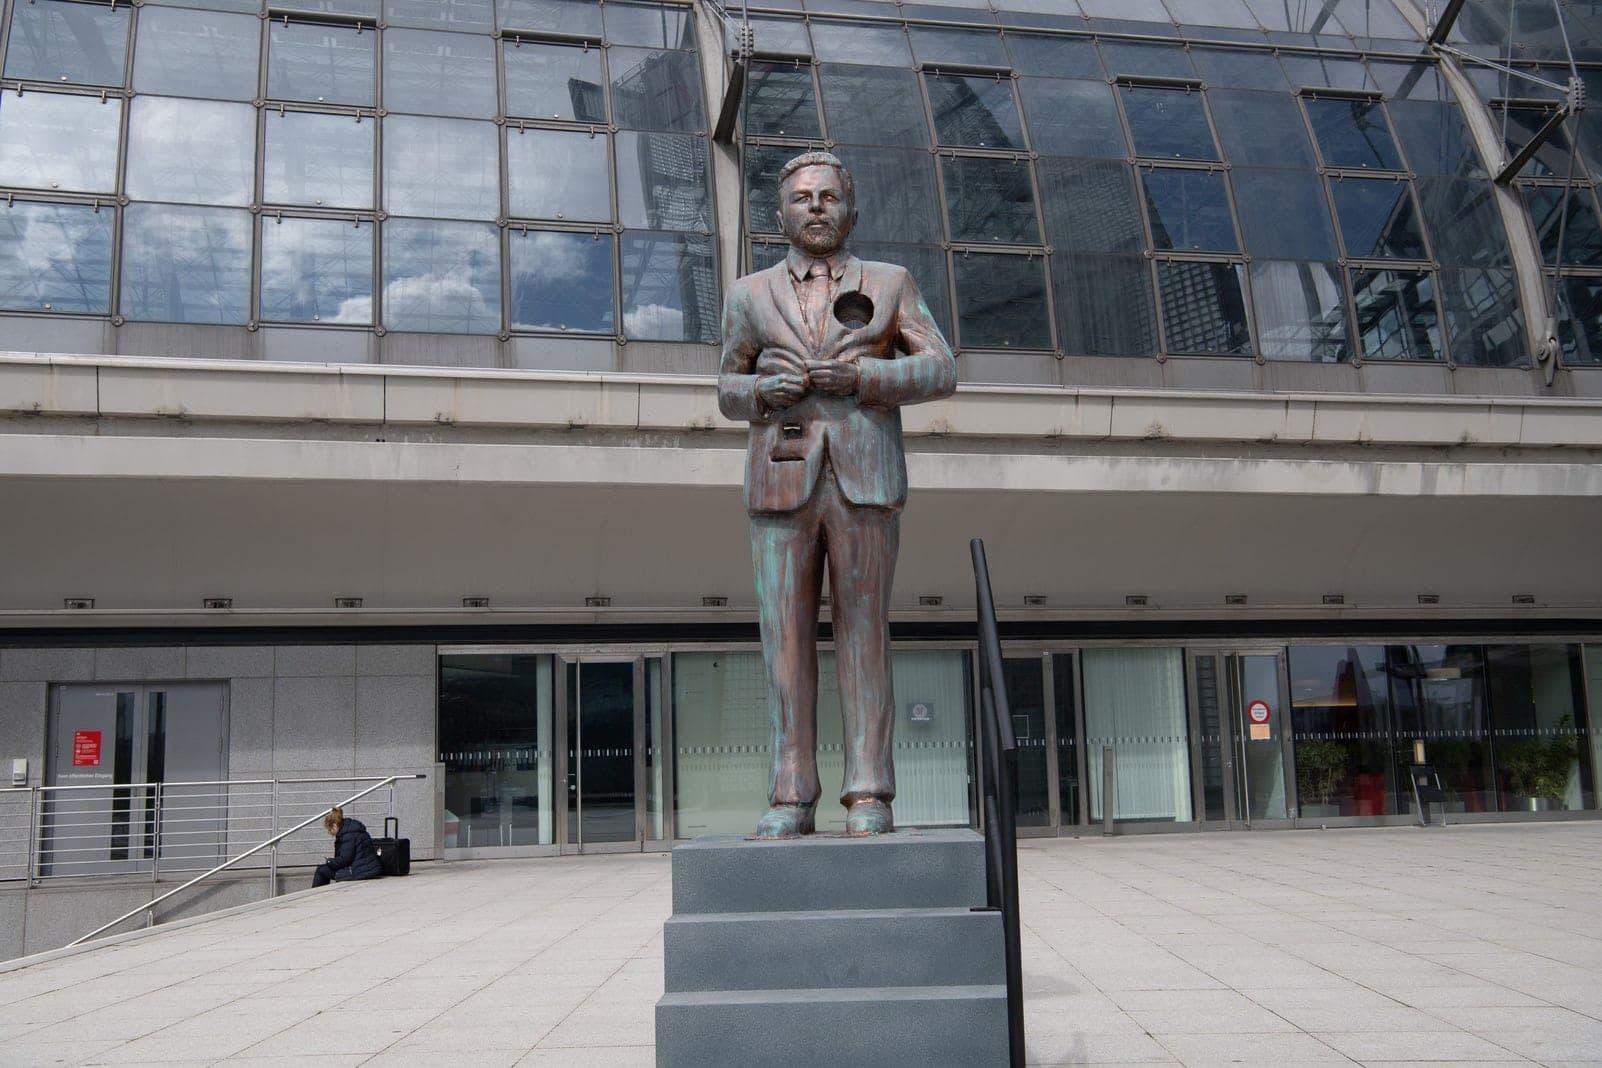 Joko setzt Klaas ein Denkmal am Berliner Hauptbahnhof